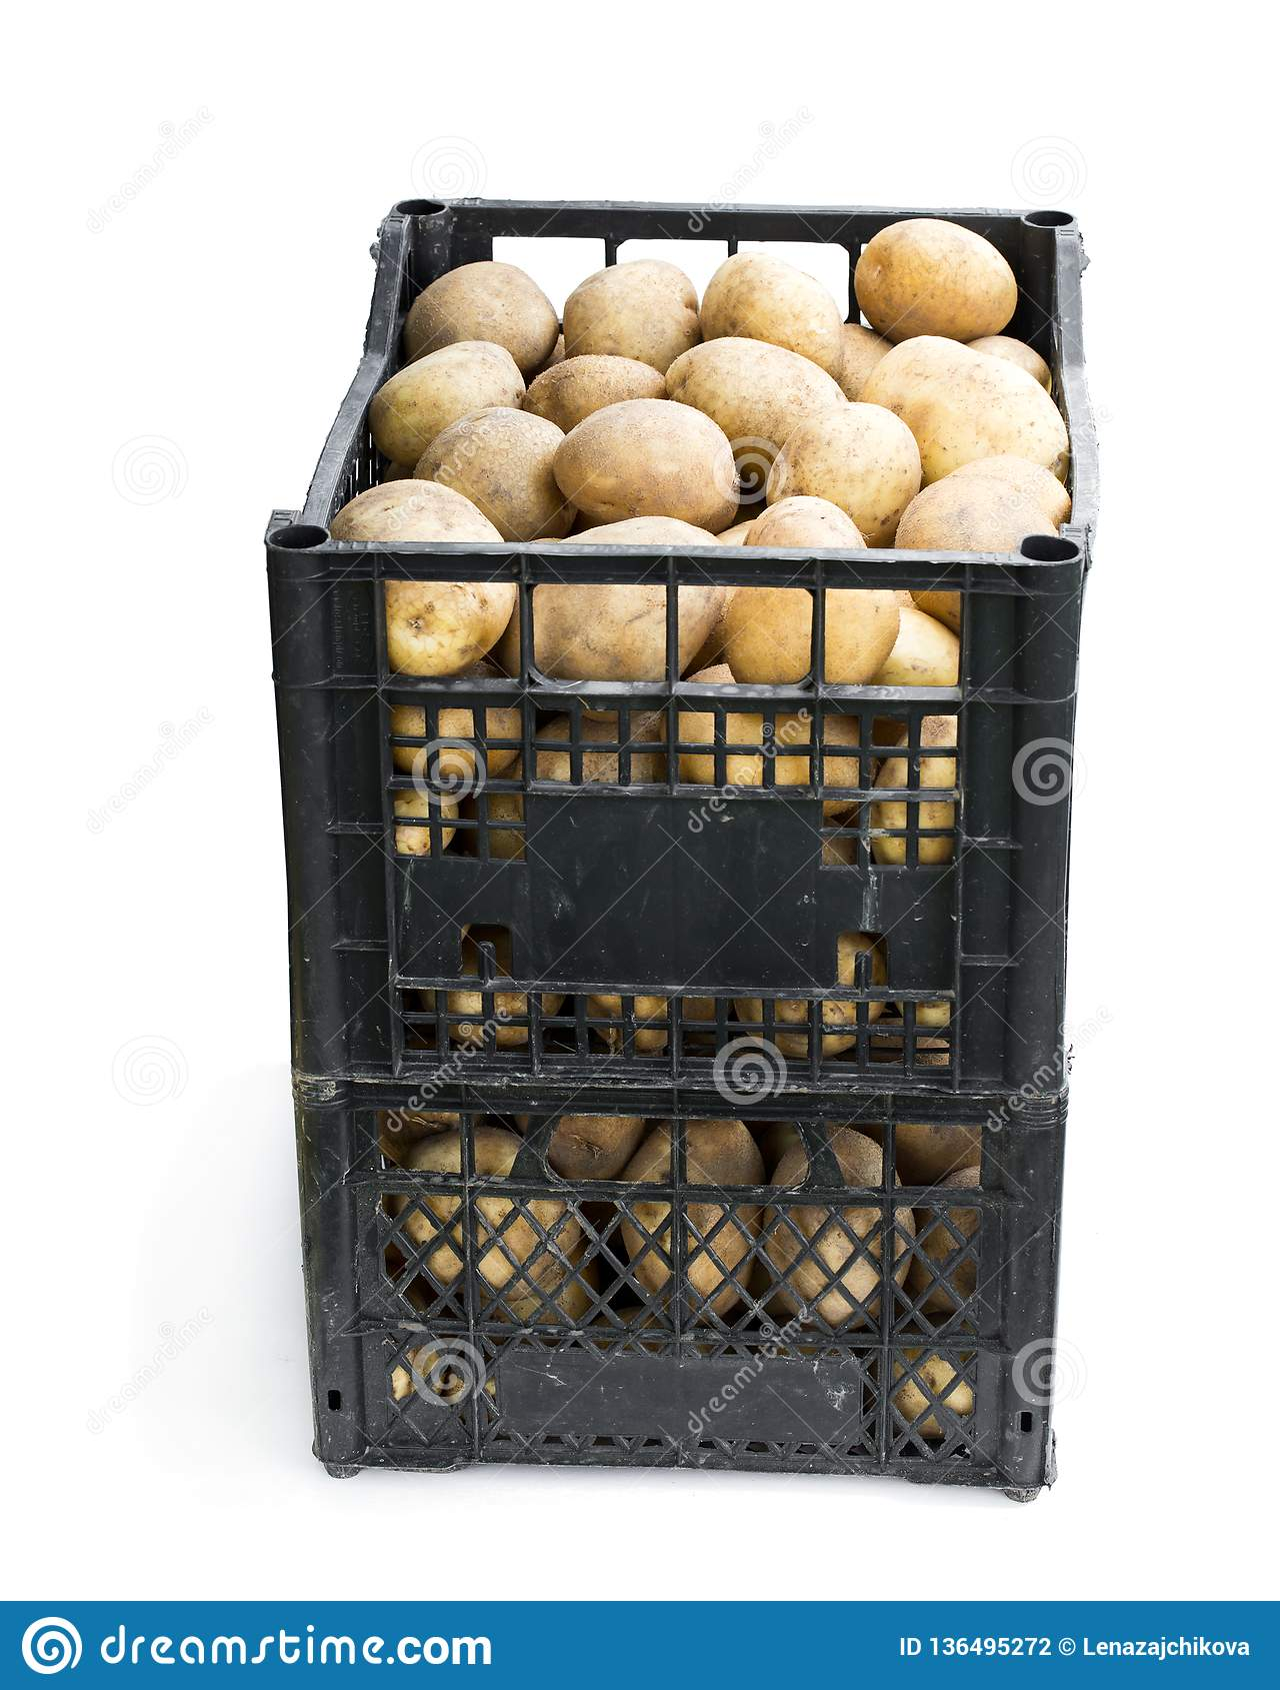 Prix Caisse A Pomme pommes de terre de primeurs fraîches dans des caisses en